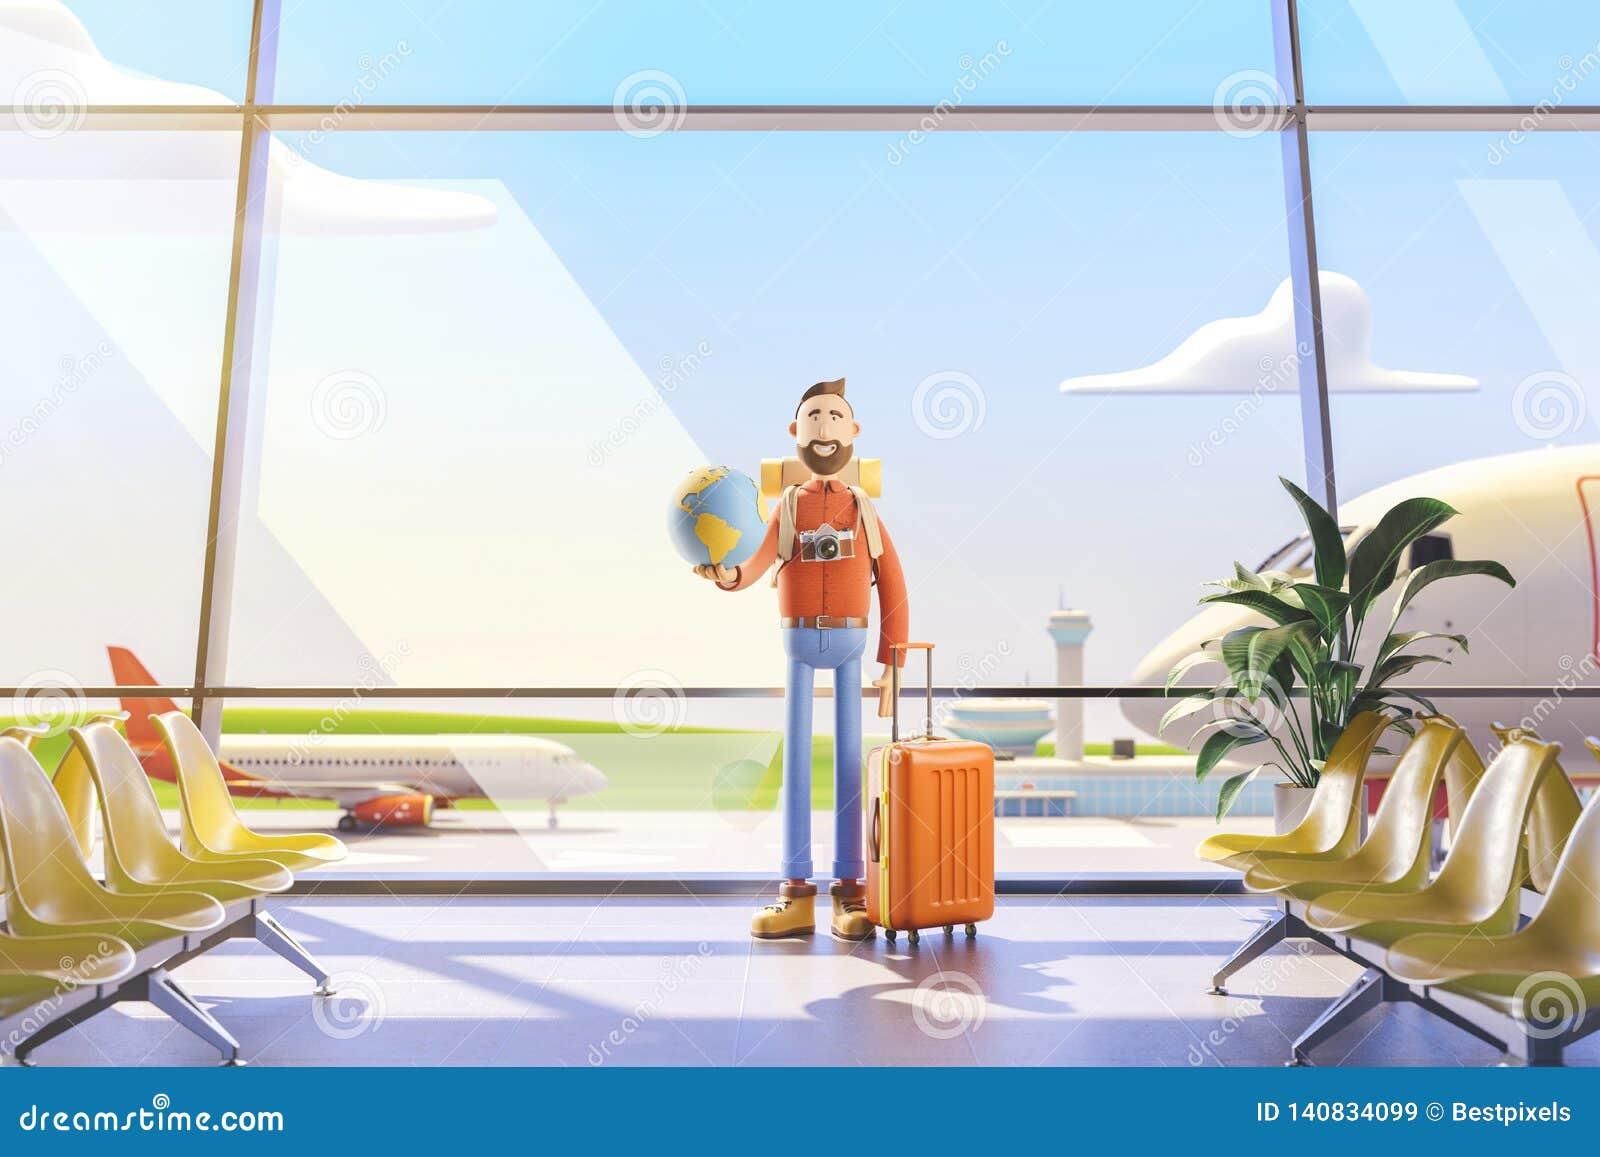 O turista do personagem de banda desenhada mantém o mundo inteiro na palma no aeroporto ilustração 3D Conceito do curso do mundo